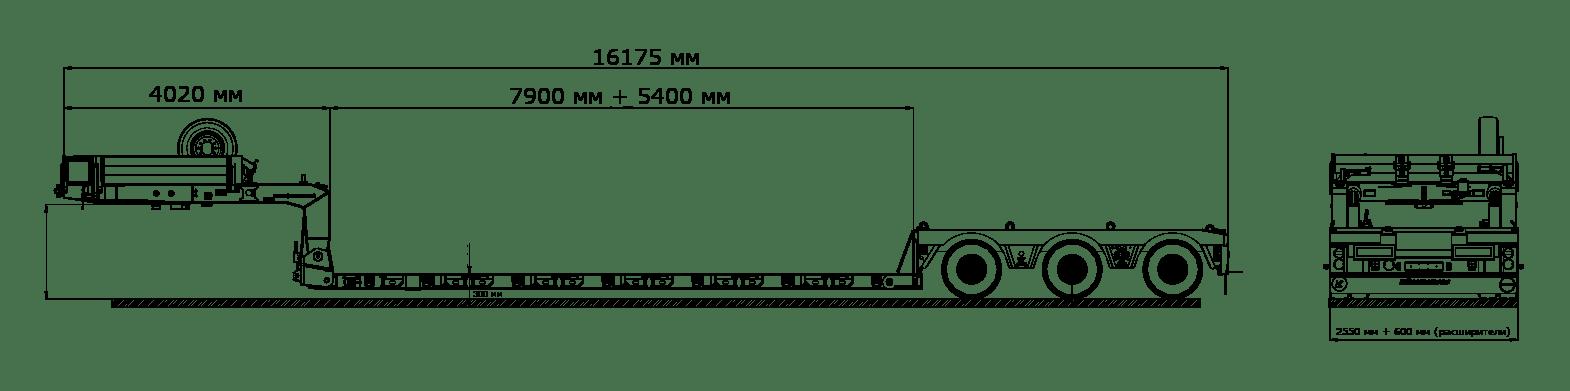 Низкорамный трал раздвижной и расширяемый 3х и более осный для сверх тяжелых грузов